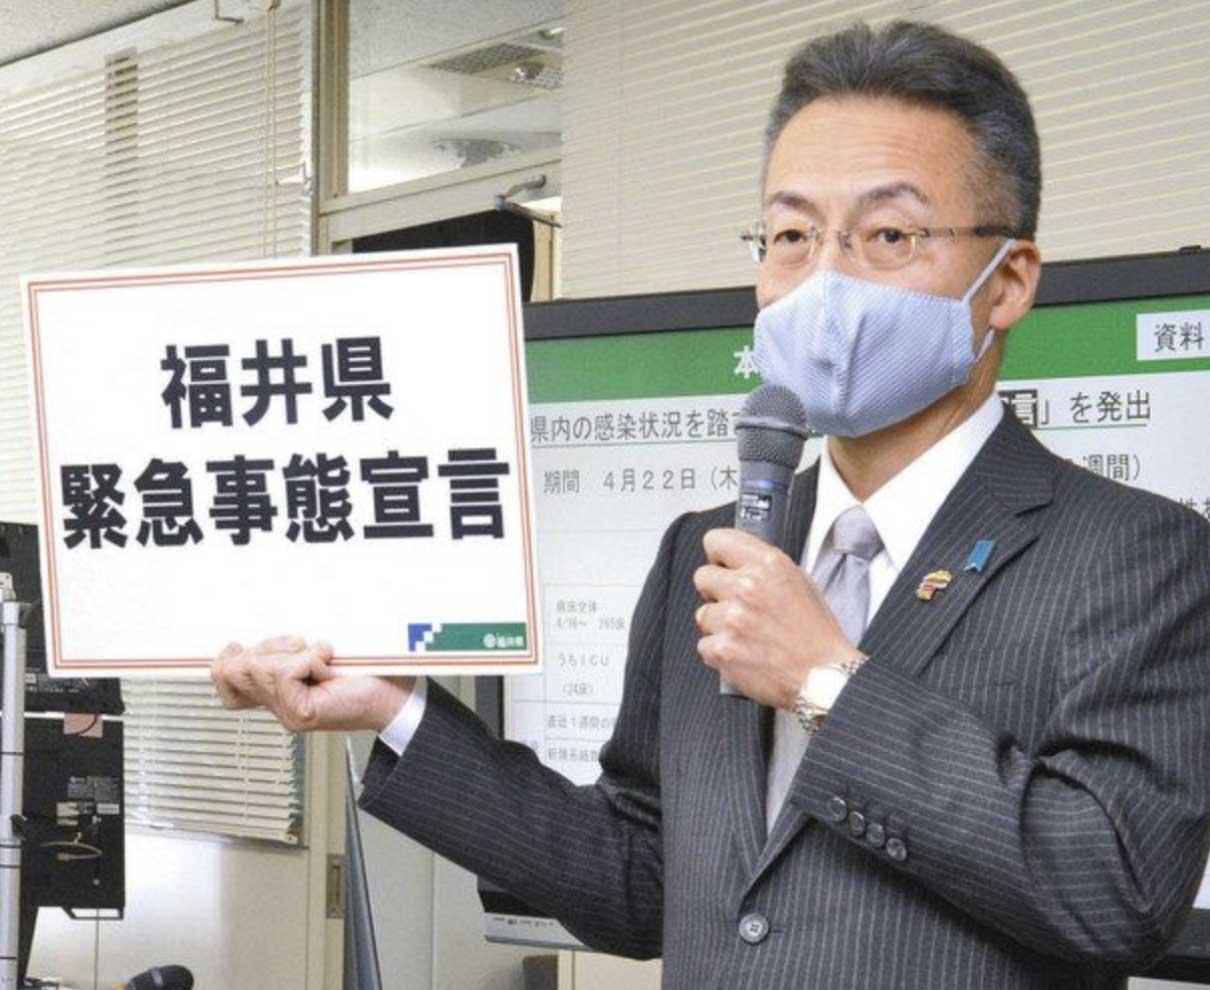 【福井】県独自の緊急宣言発令 5月13日まで、知事「県外往来自粛を」